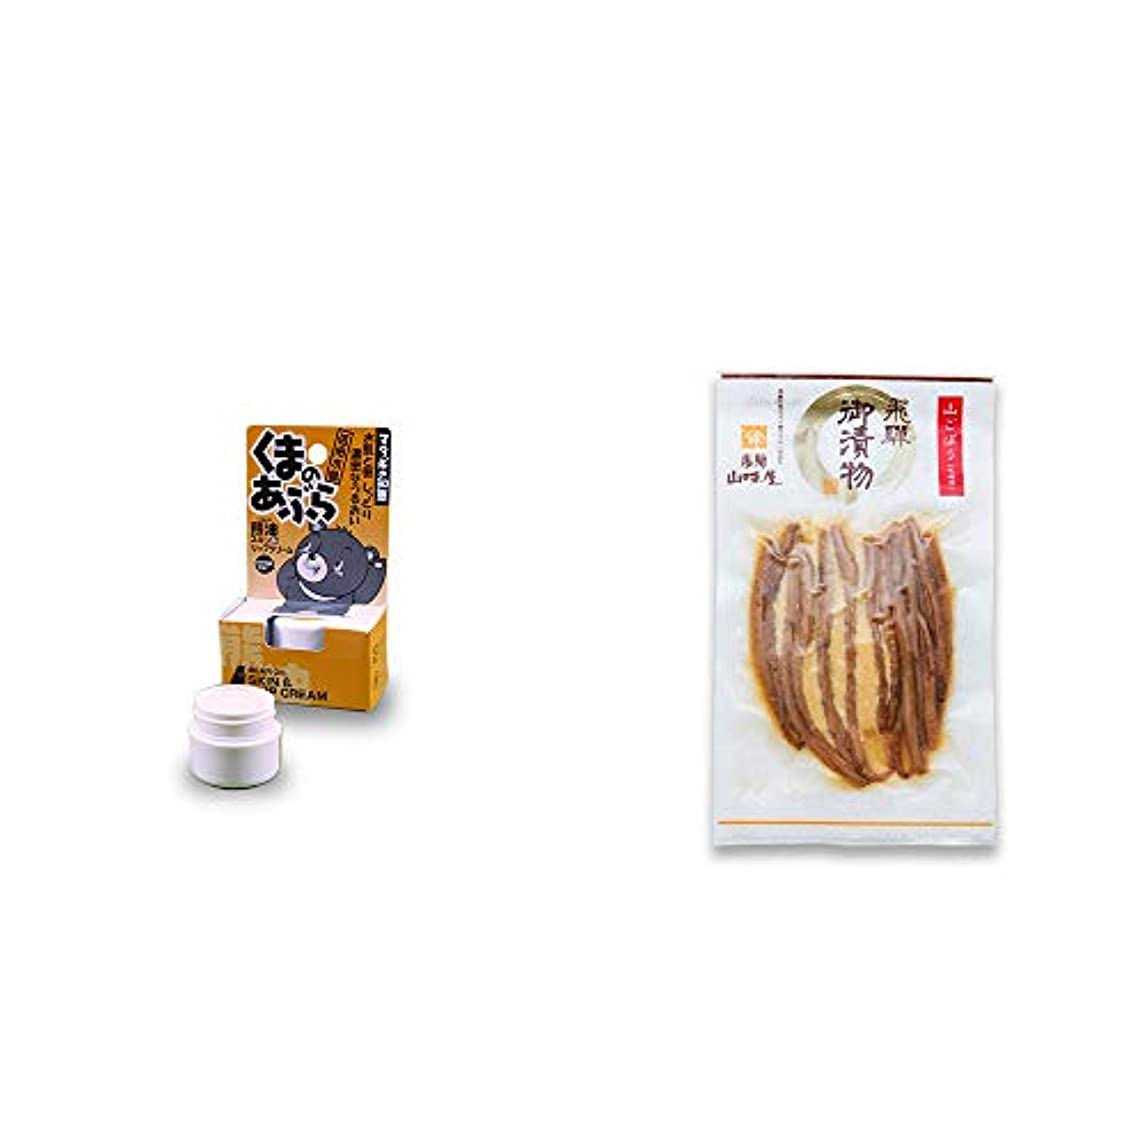 要塞モニカ冷ややかな[2点セット] 信州木曽 くまのあぶら 熊油スキン&リップクリーム(9g)?飛騨山味屋 山ごぼう味噌漬(80g)